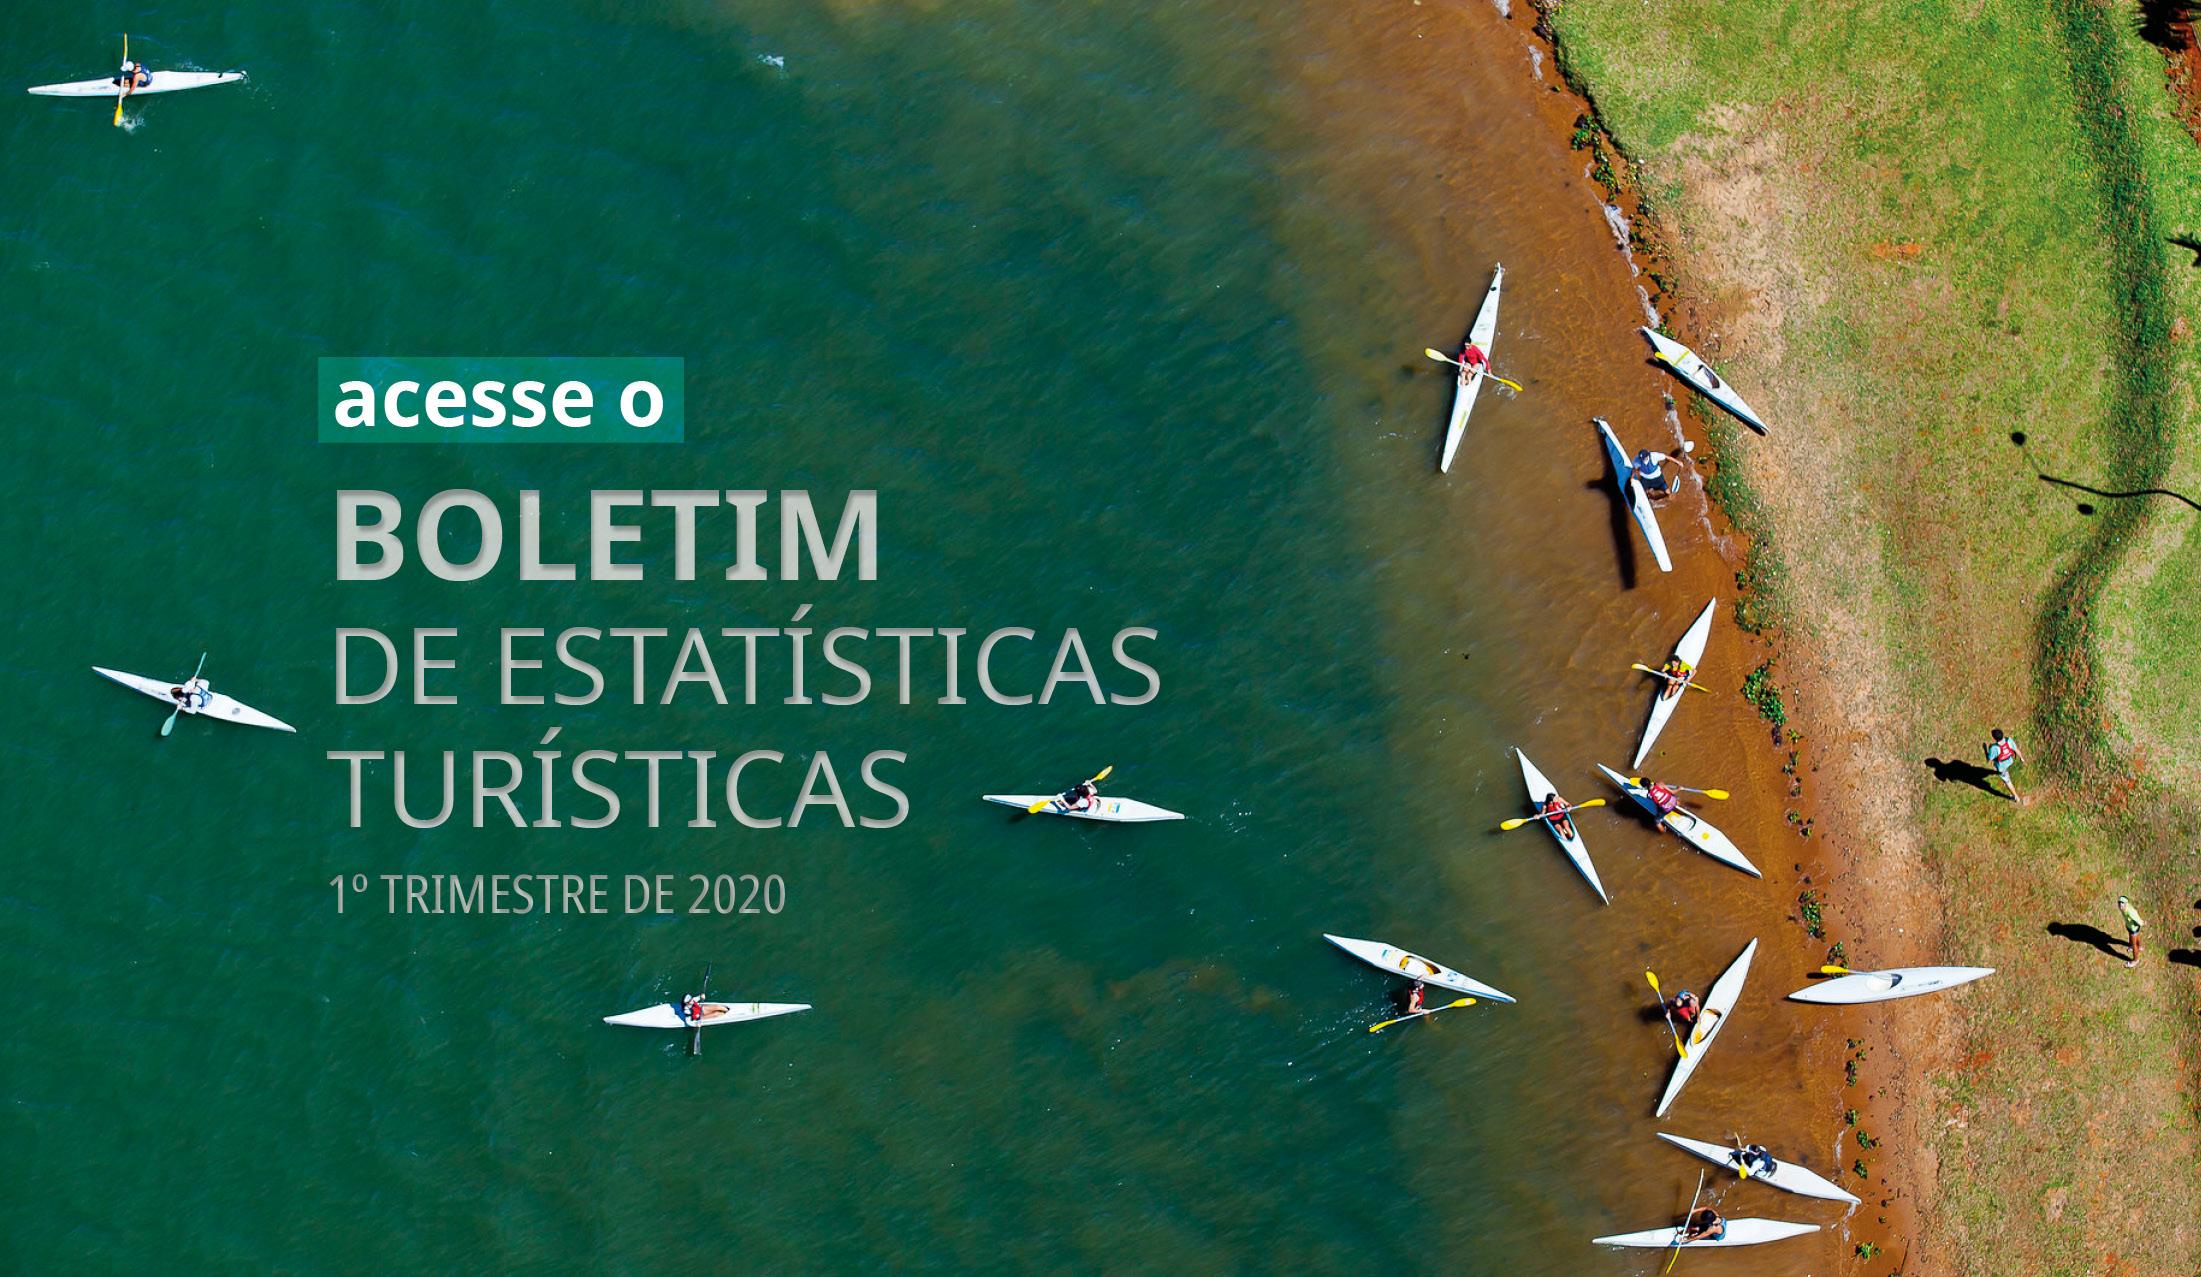 Confira o Boletim de Estatísticas Turísticas - 1ª Trimestre de 2020